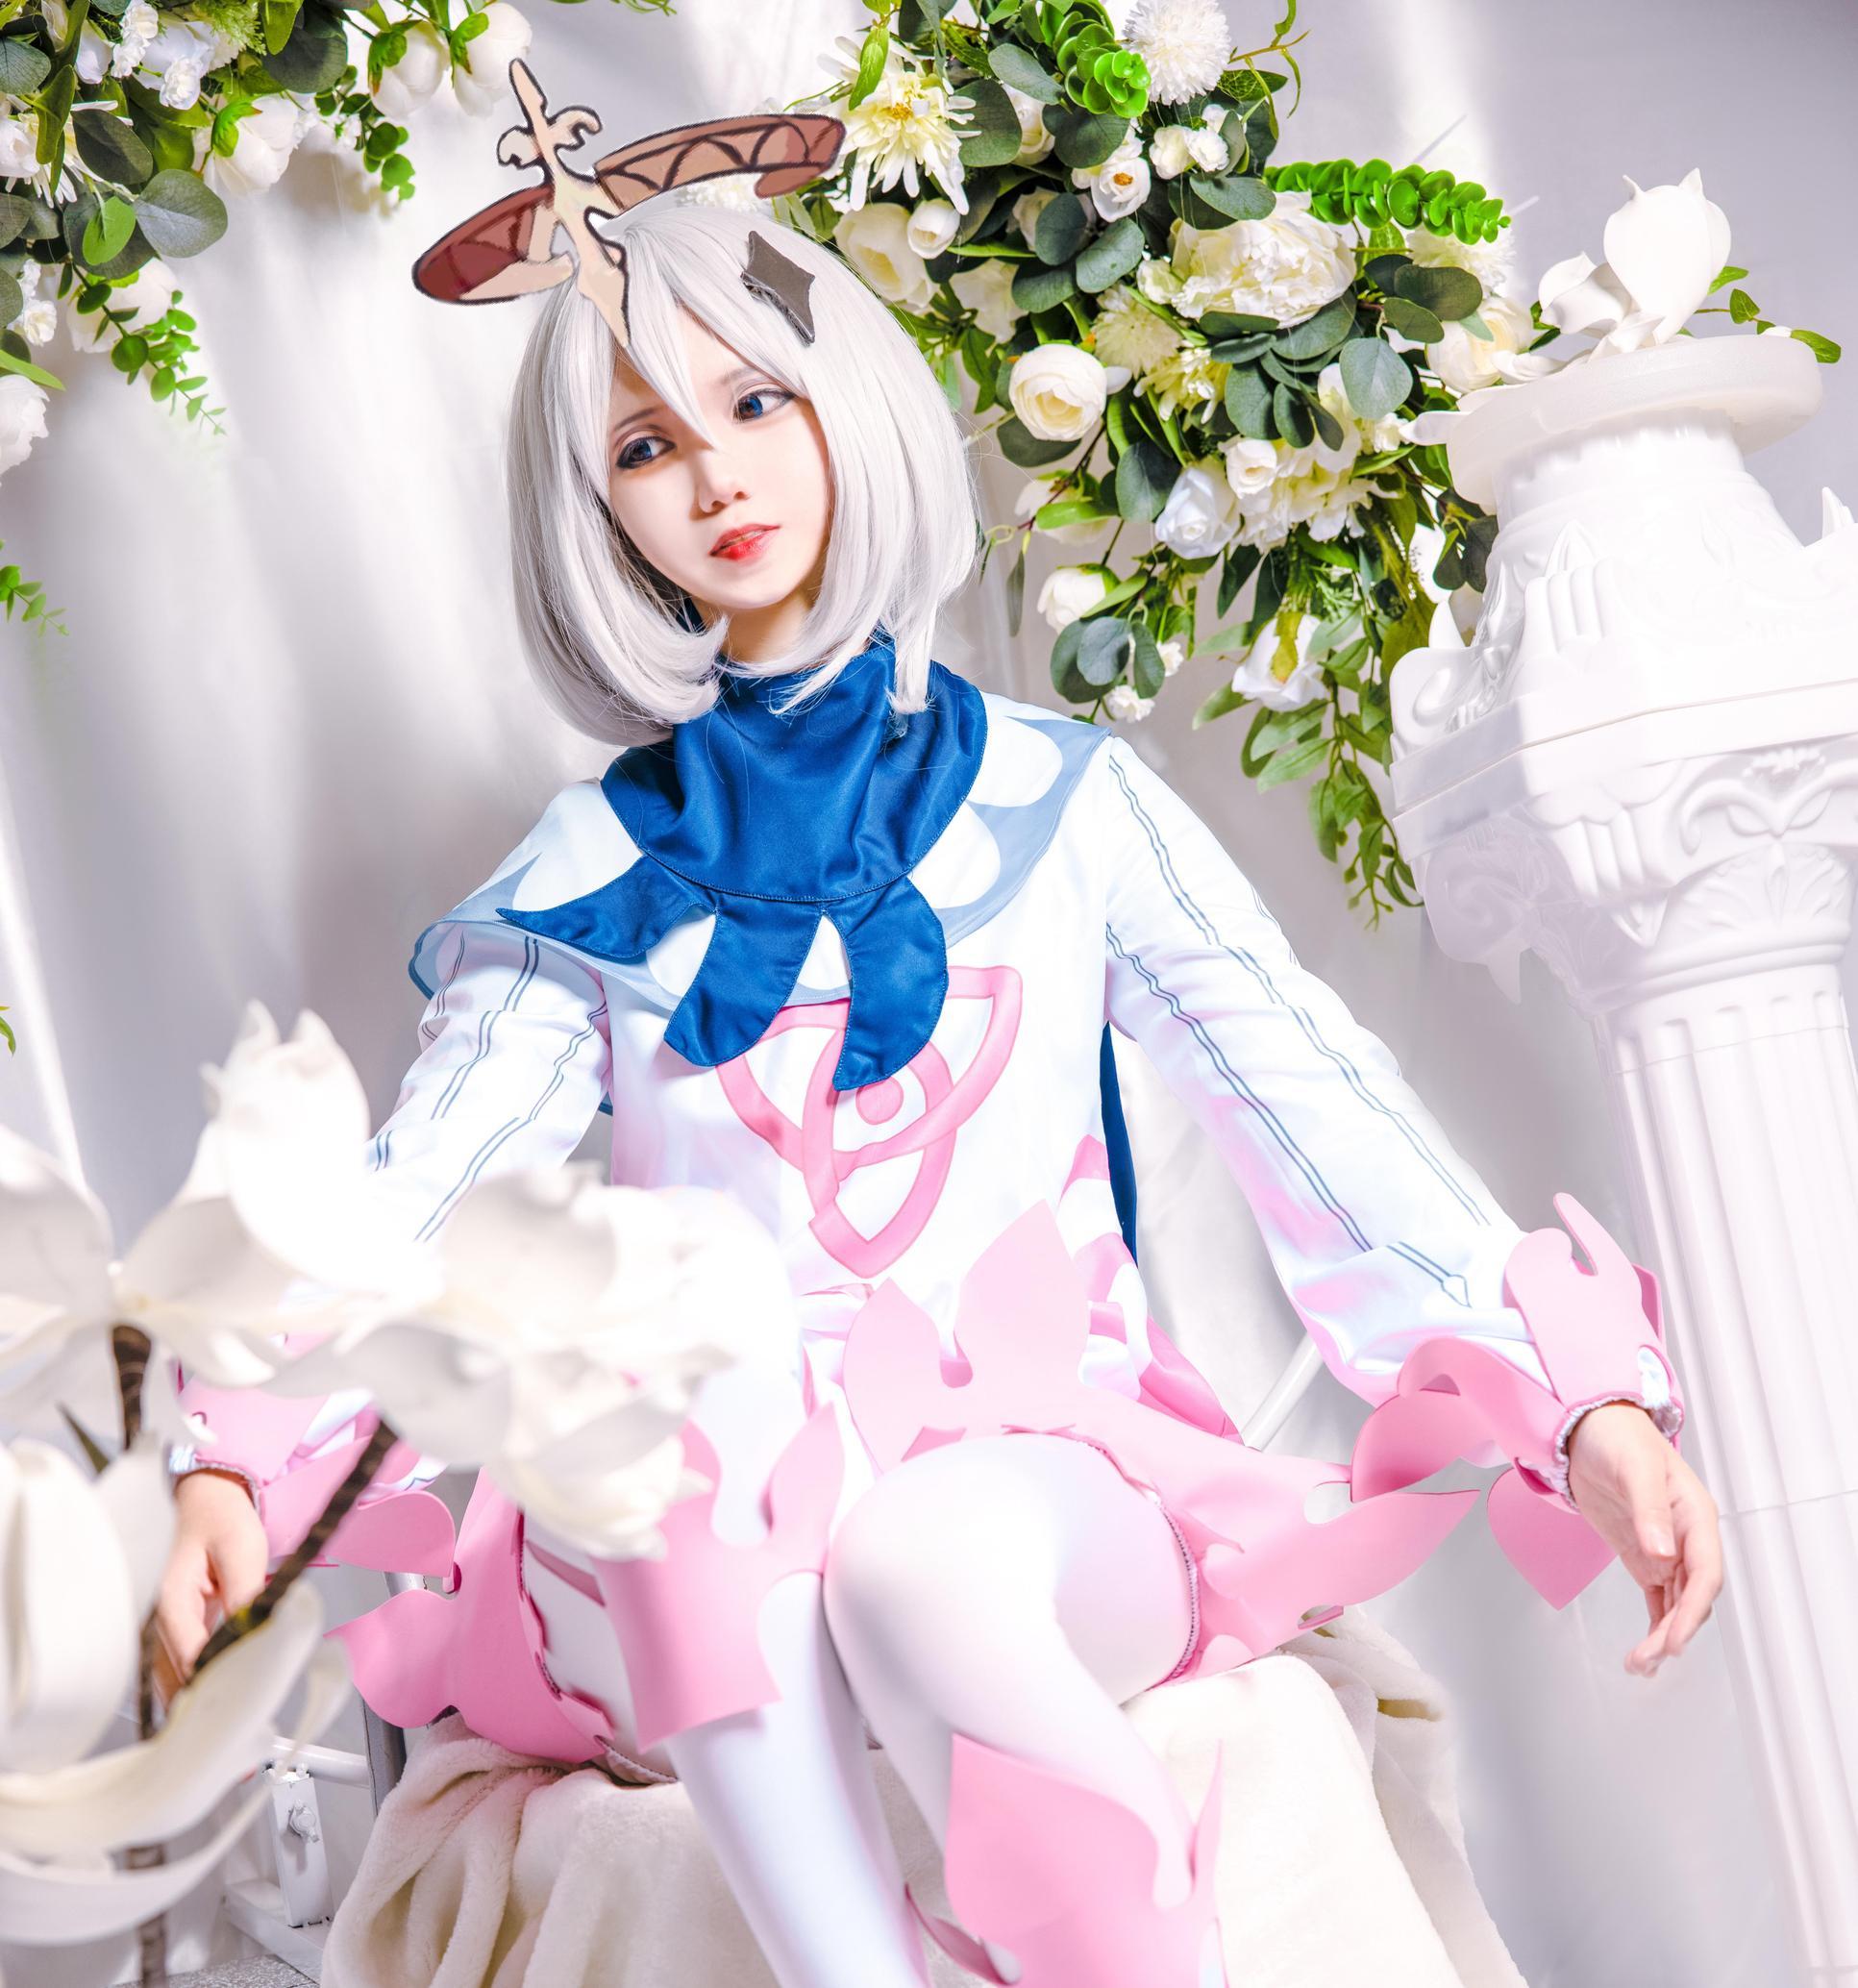 《原神》派蒙cosplay【CN:南千鲤Akirui】-第2张